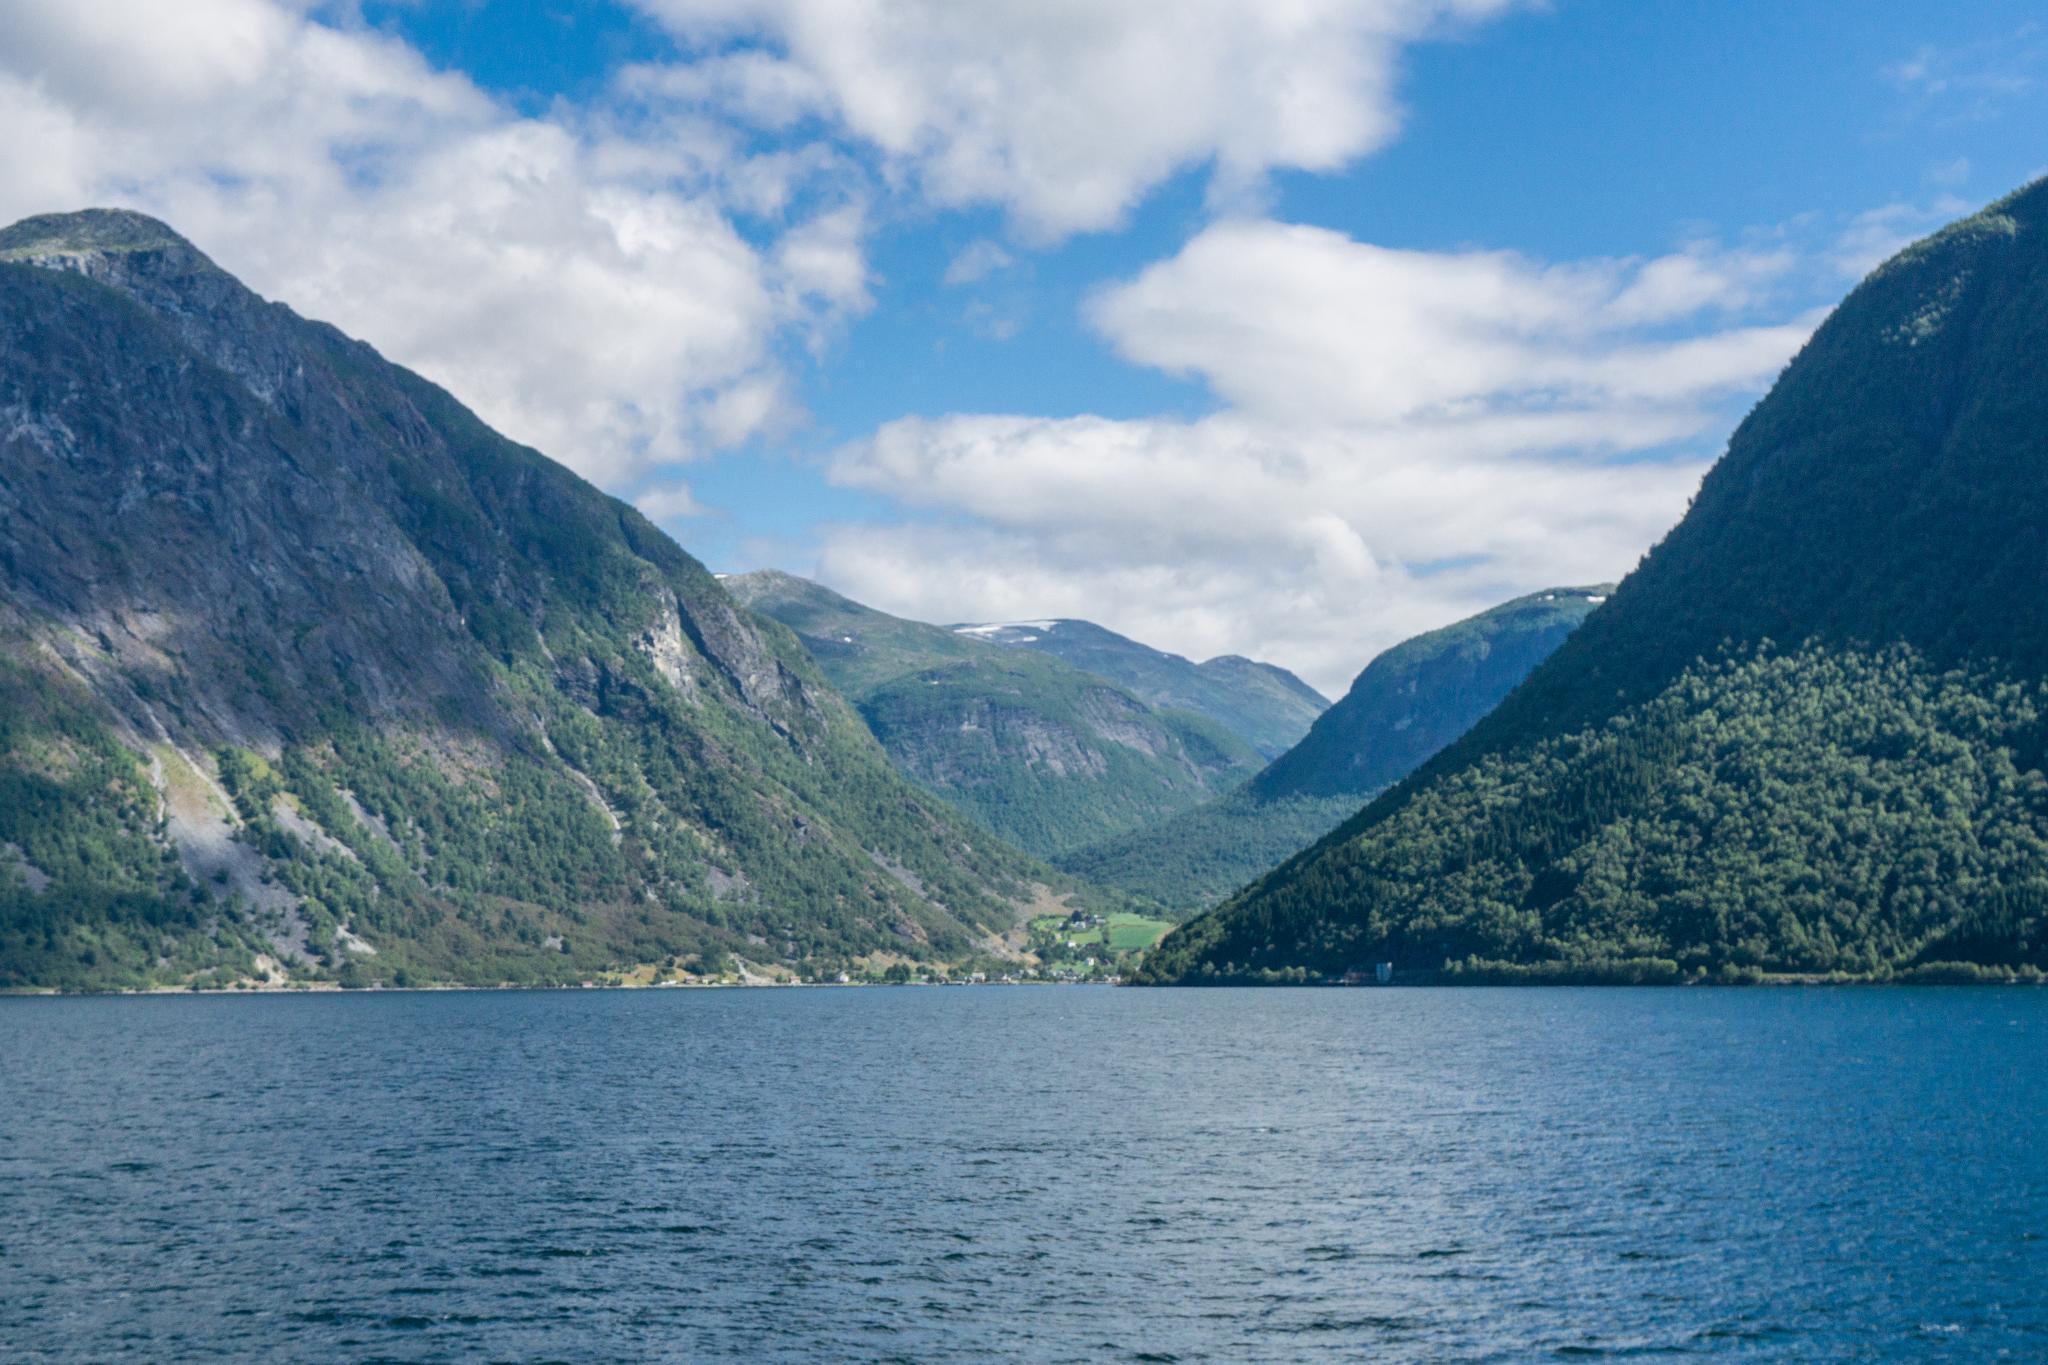 【北歐景點】Trollstigen 精靈之路 ∣ 挪威最驚險的世界級景觀公路 43